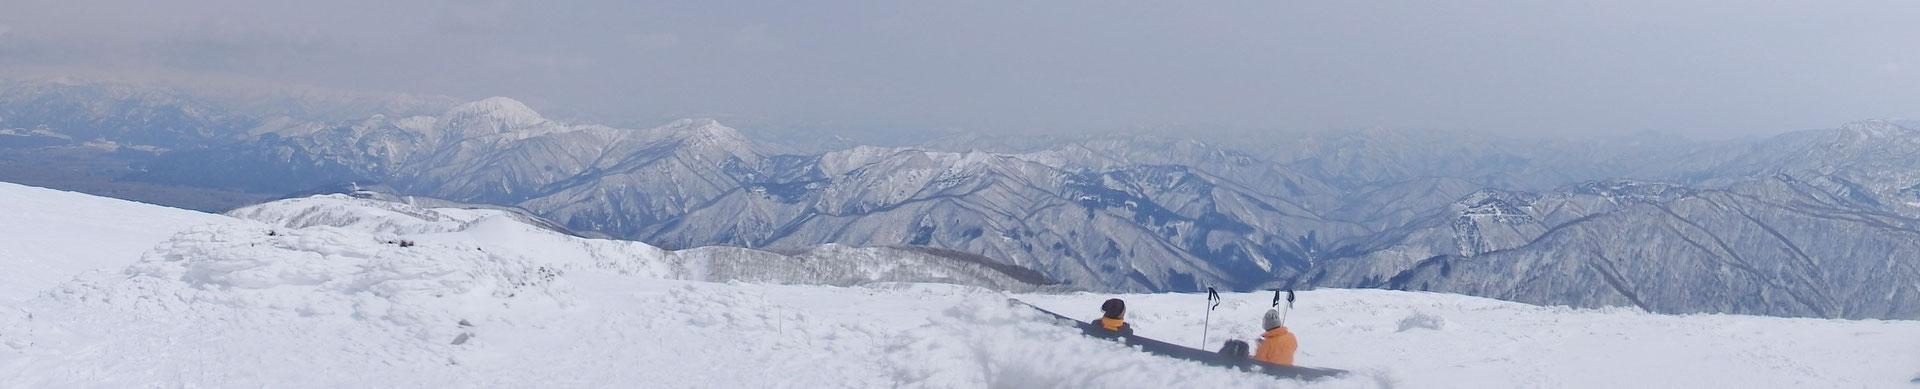 銀杏峰山頂からパノラマ写真 高く白い山が荒島岳 のんびりと絶景を楽しむ